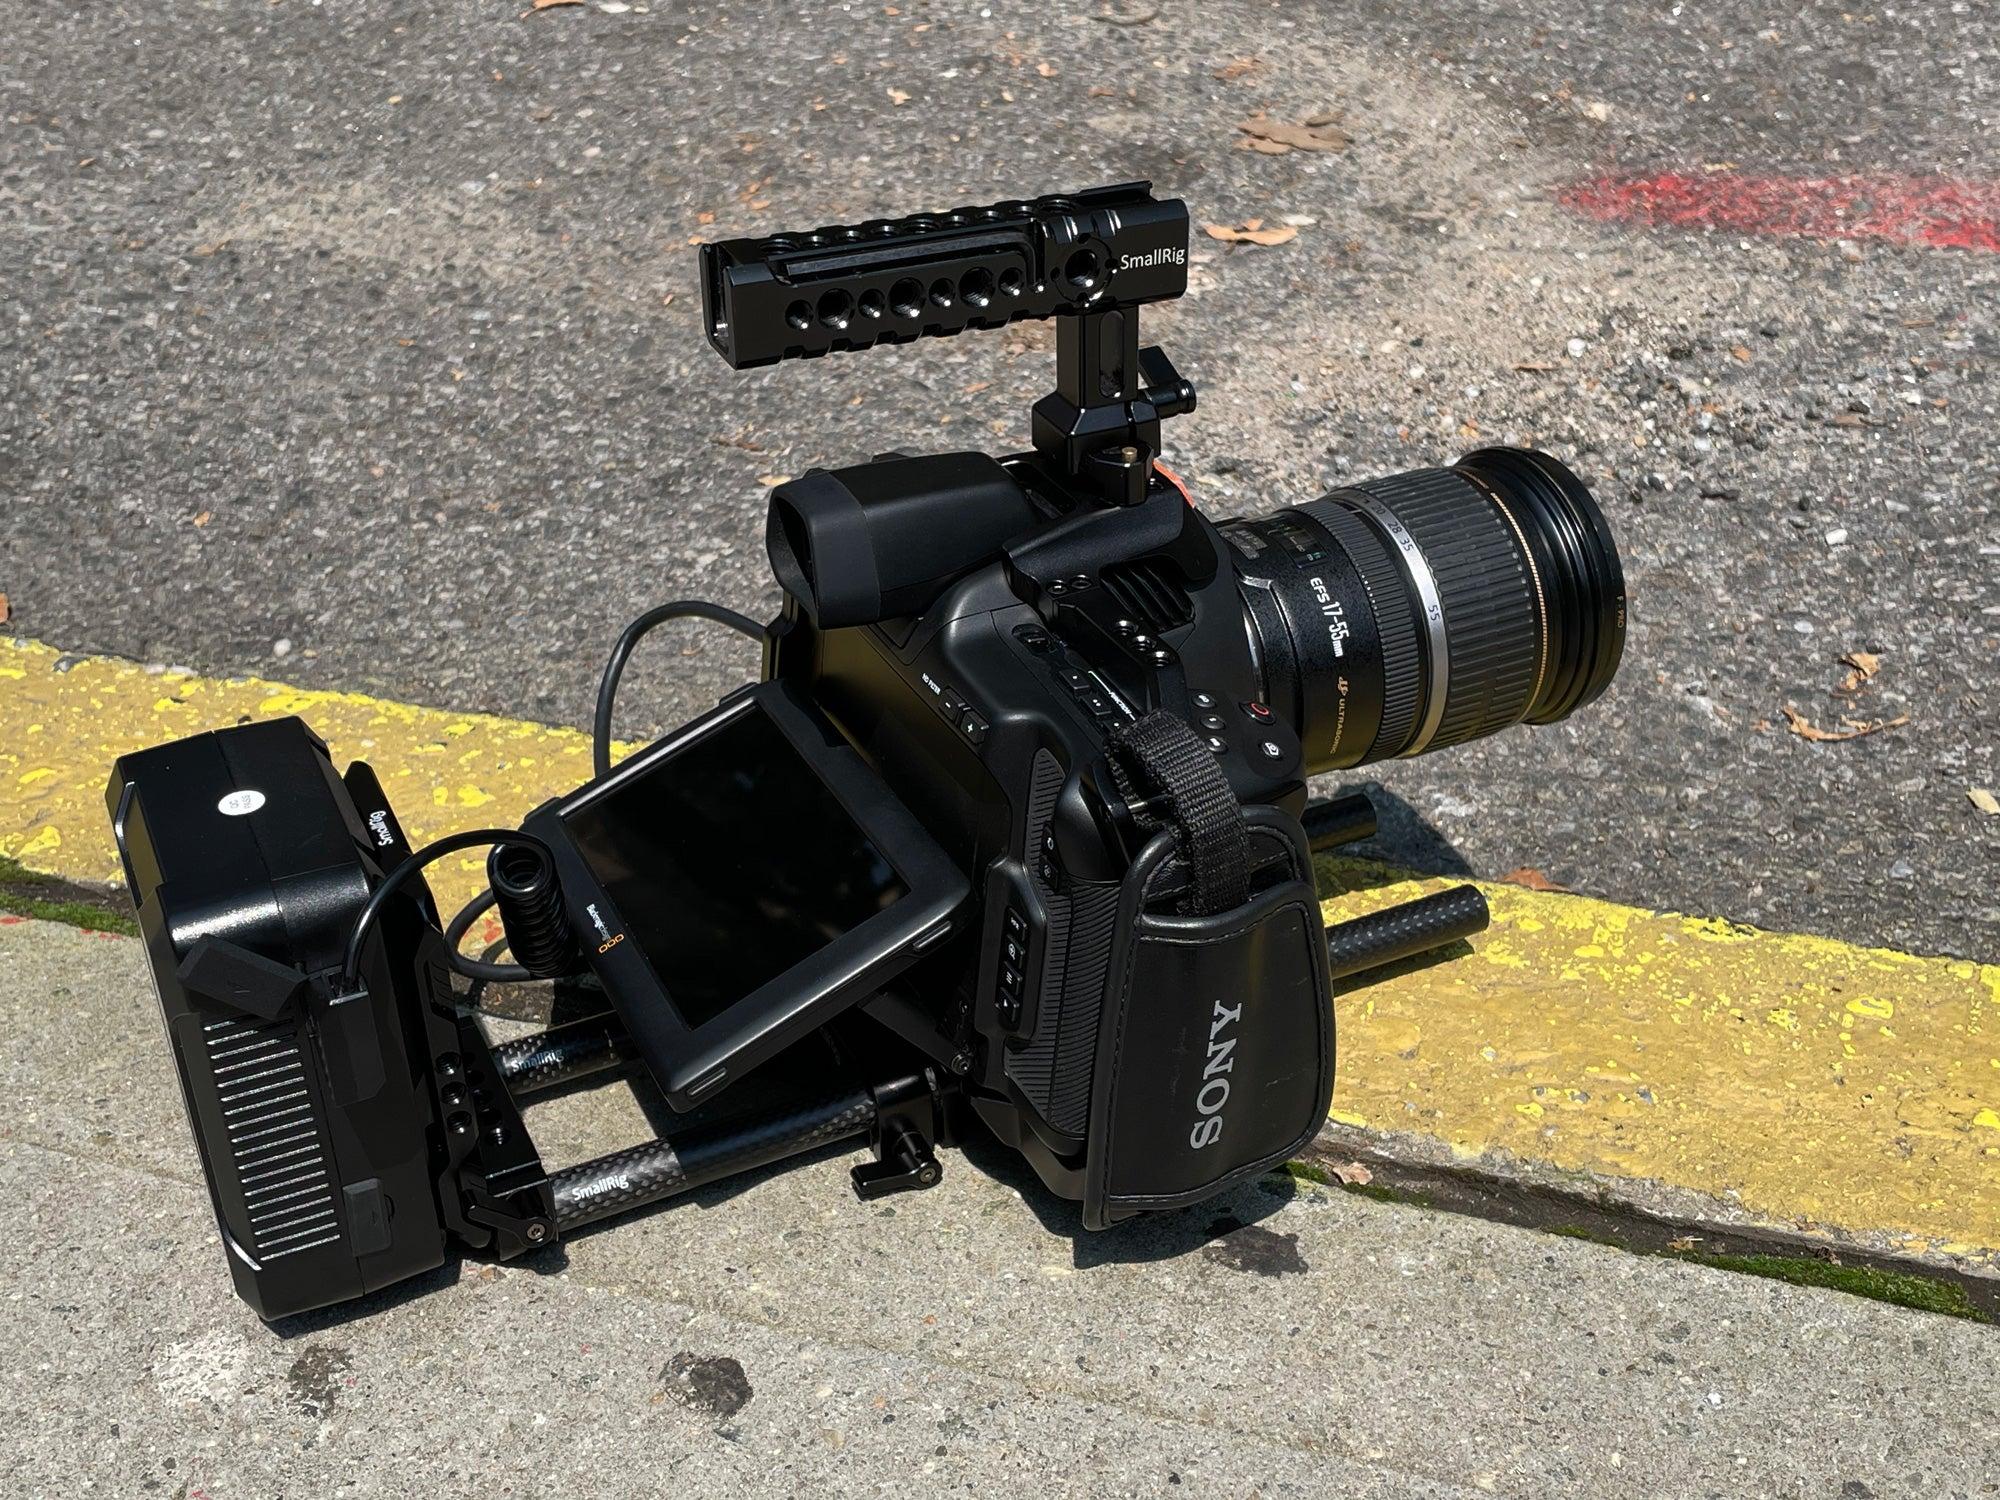 Blackmagic Pocket 6K Pro with lens on concrete